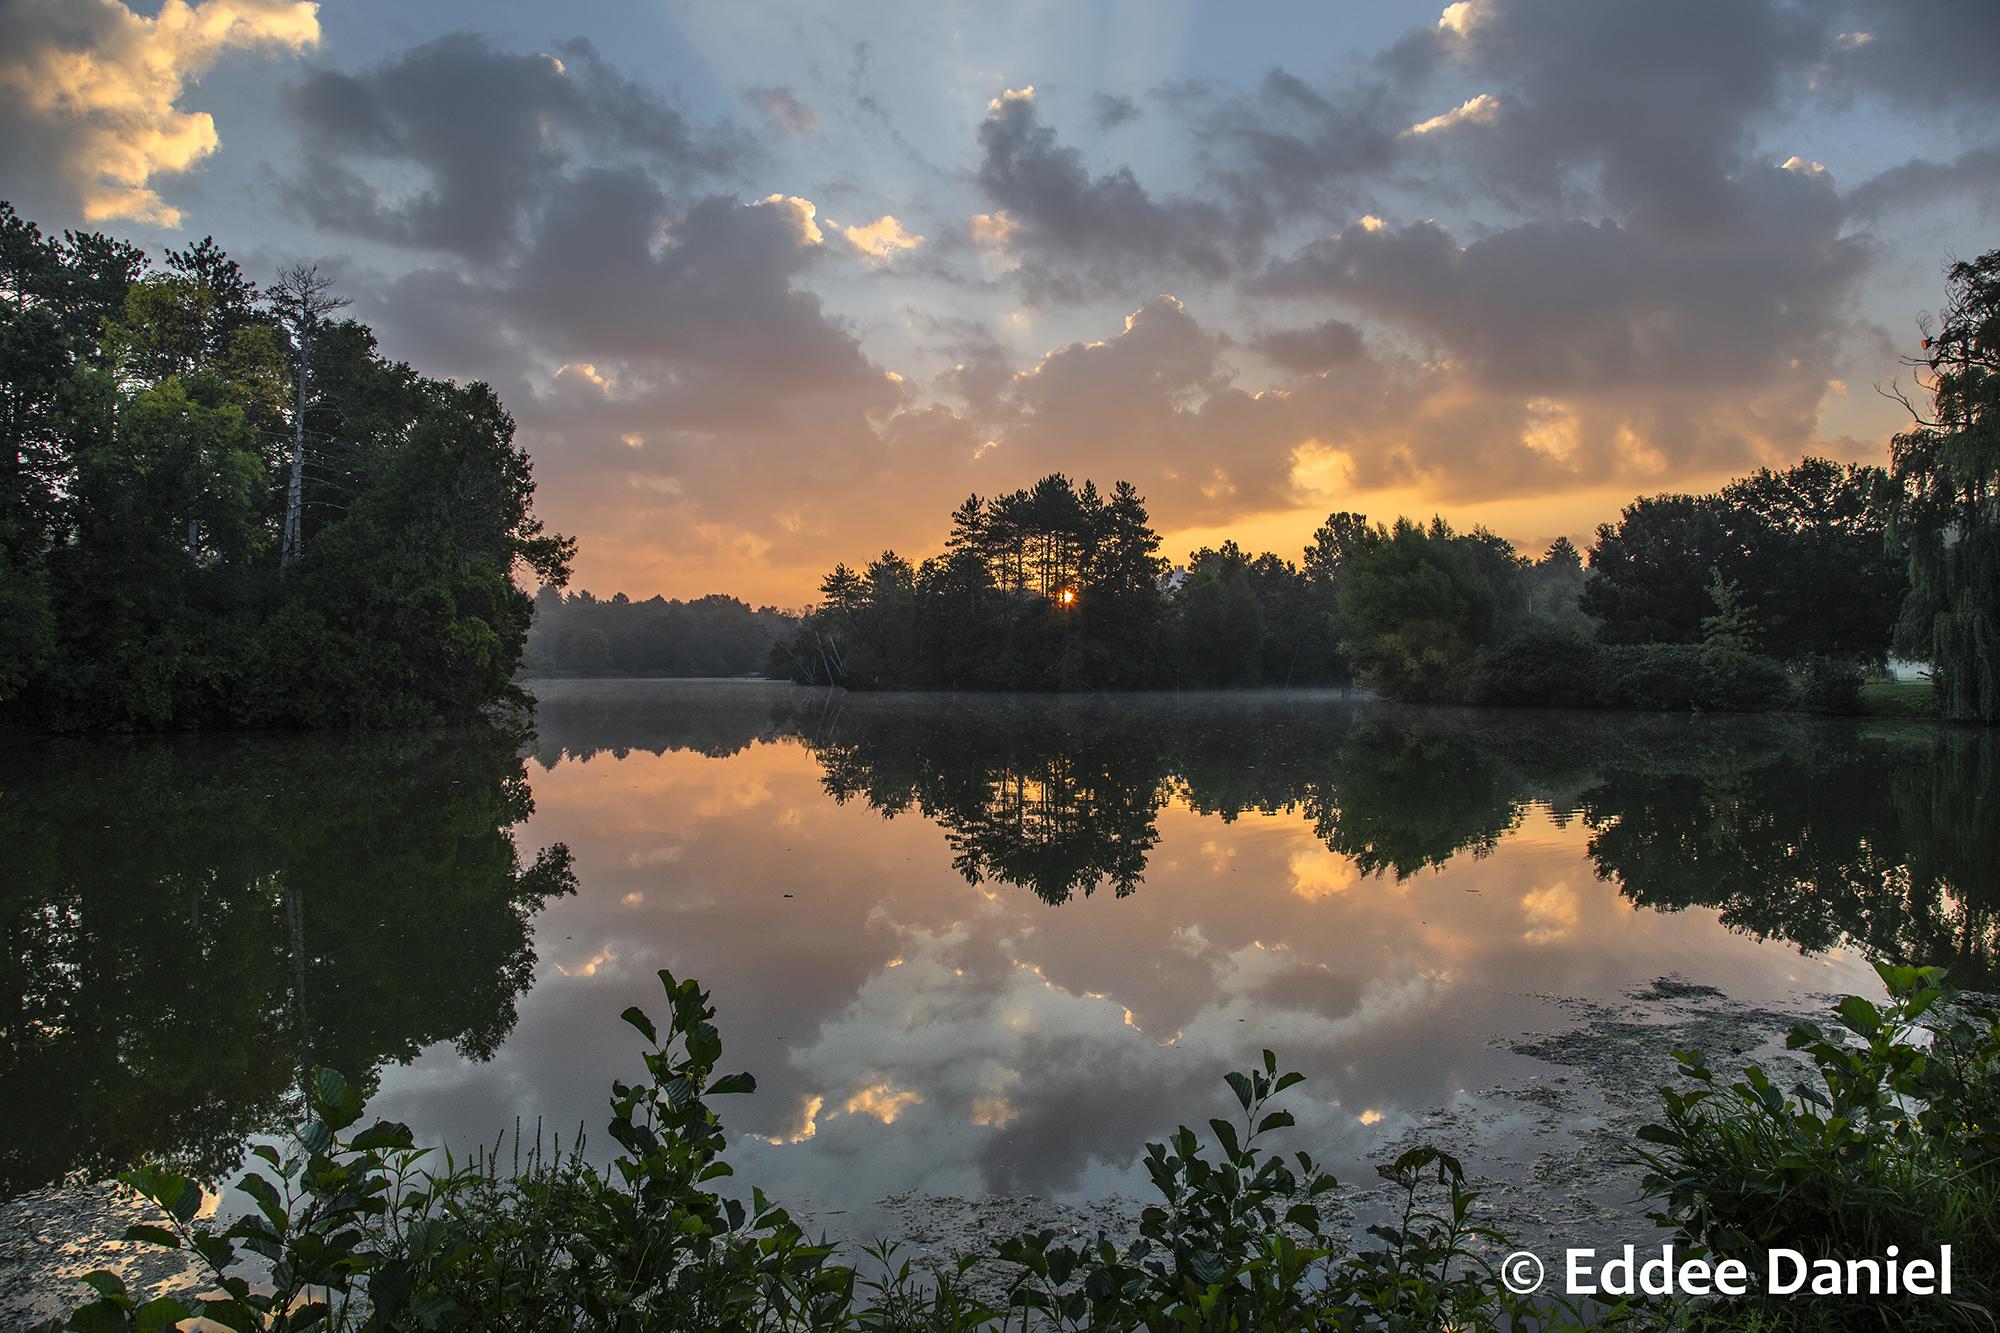 A sunrise over the treeline and a lake